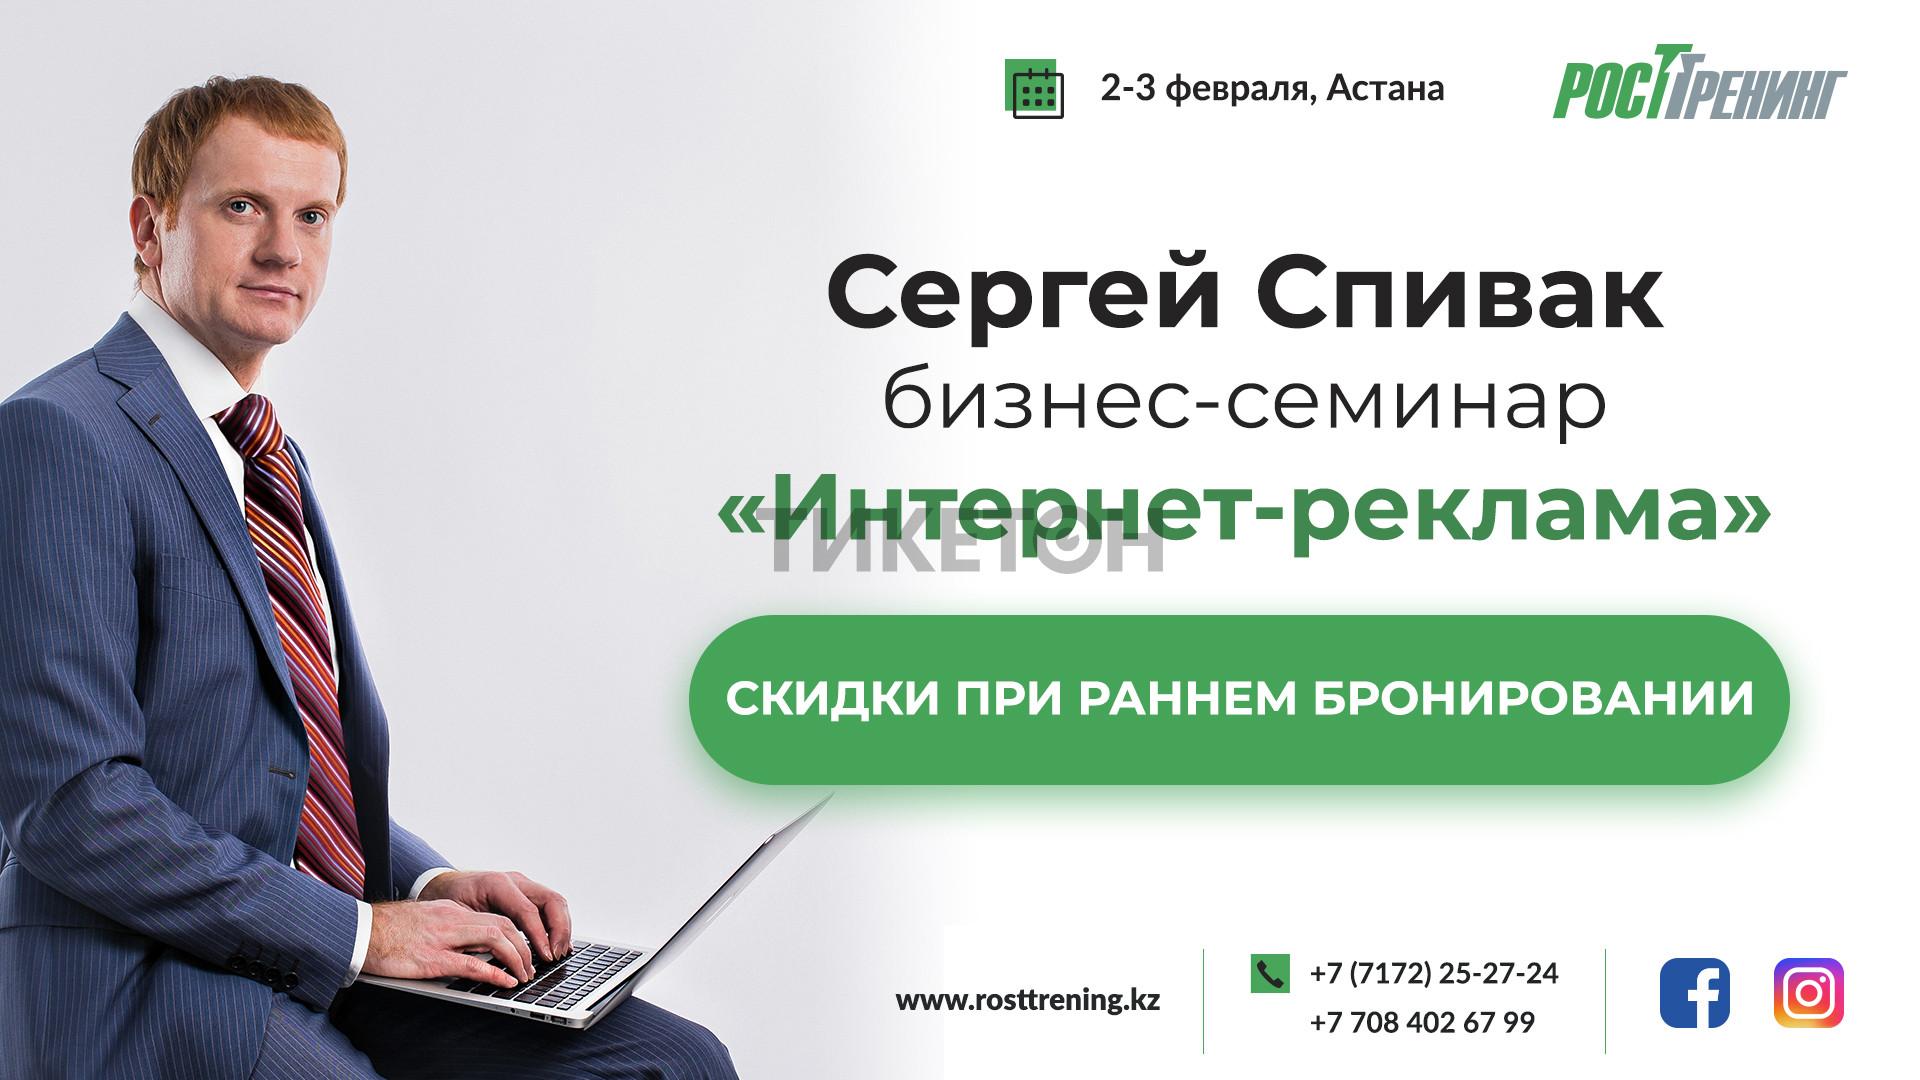 курс по интернет-рекламе от практика с 20-летним стажем Сергея Спивака!